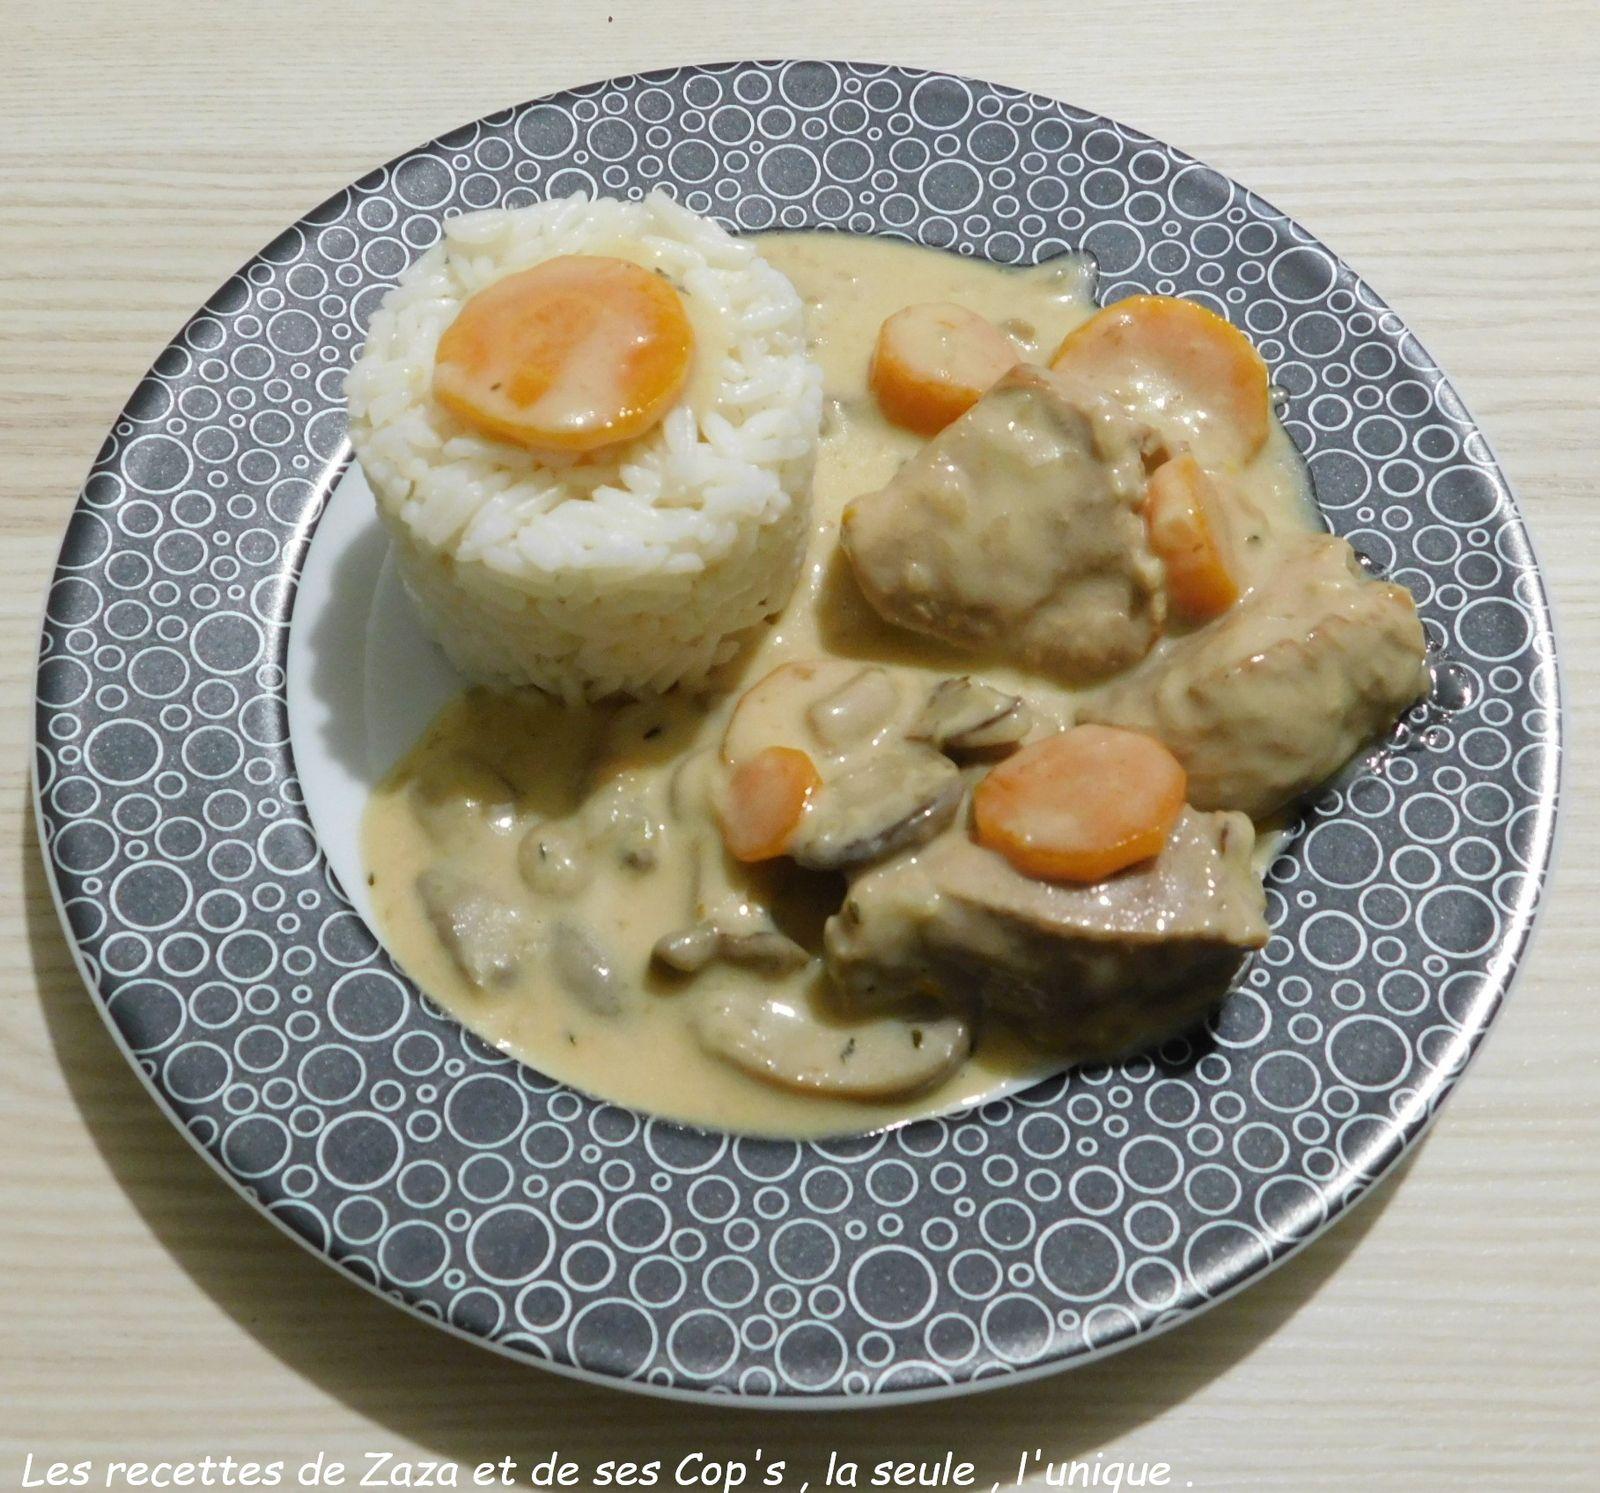 Blanquette de veau au Cookeo (recette perso transposée au Cookeo)